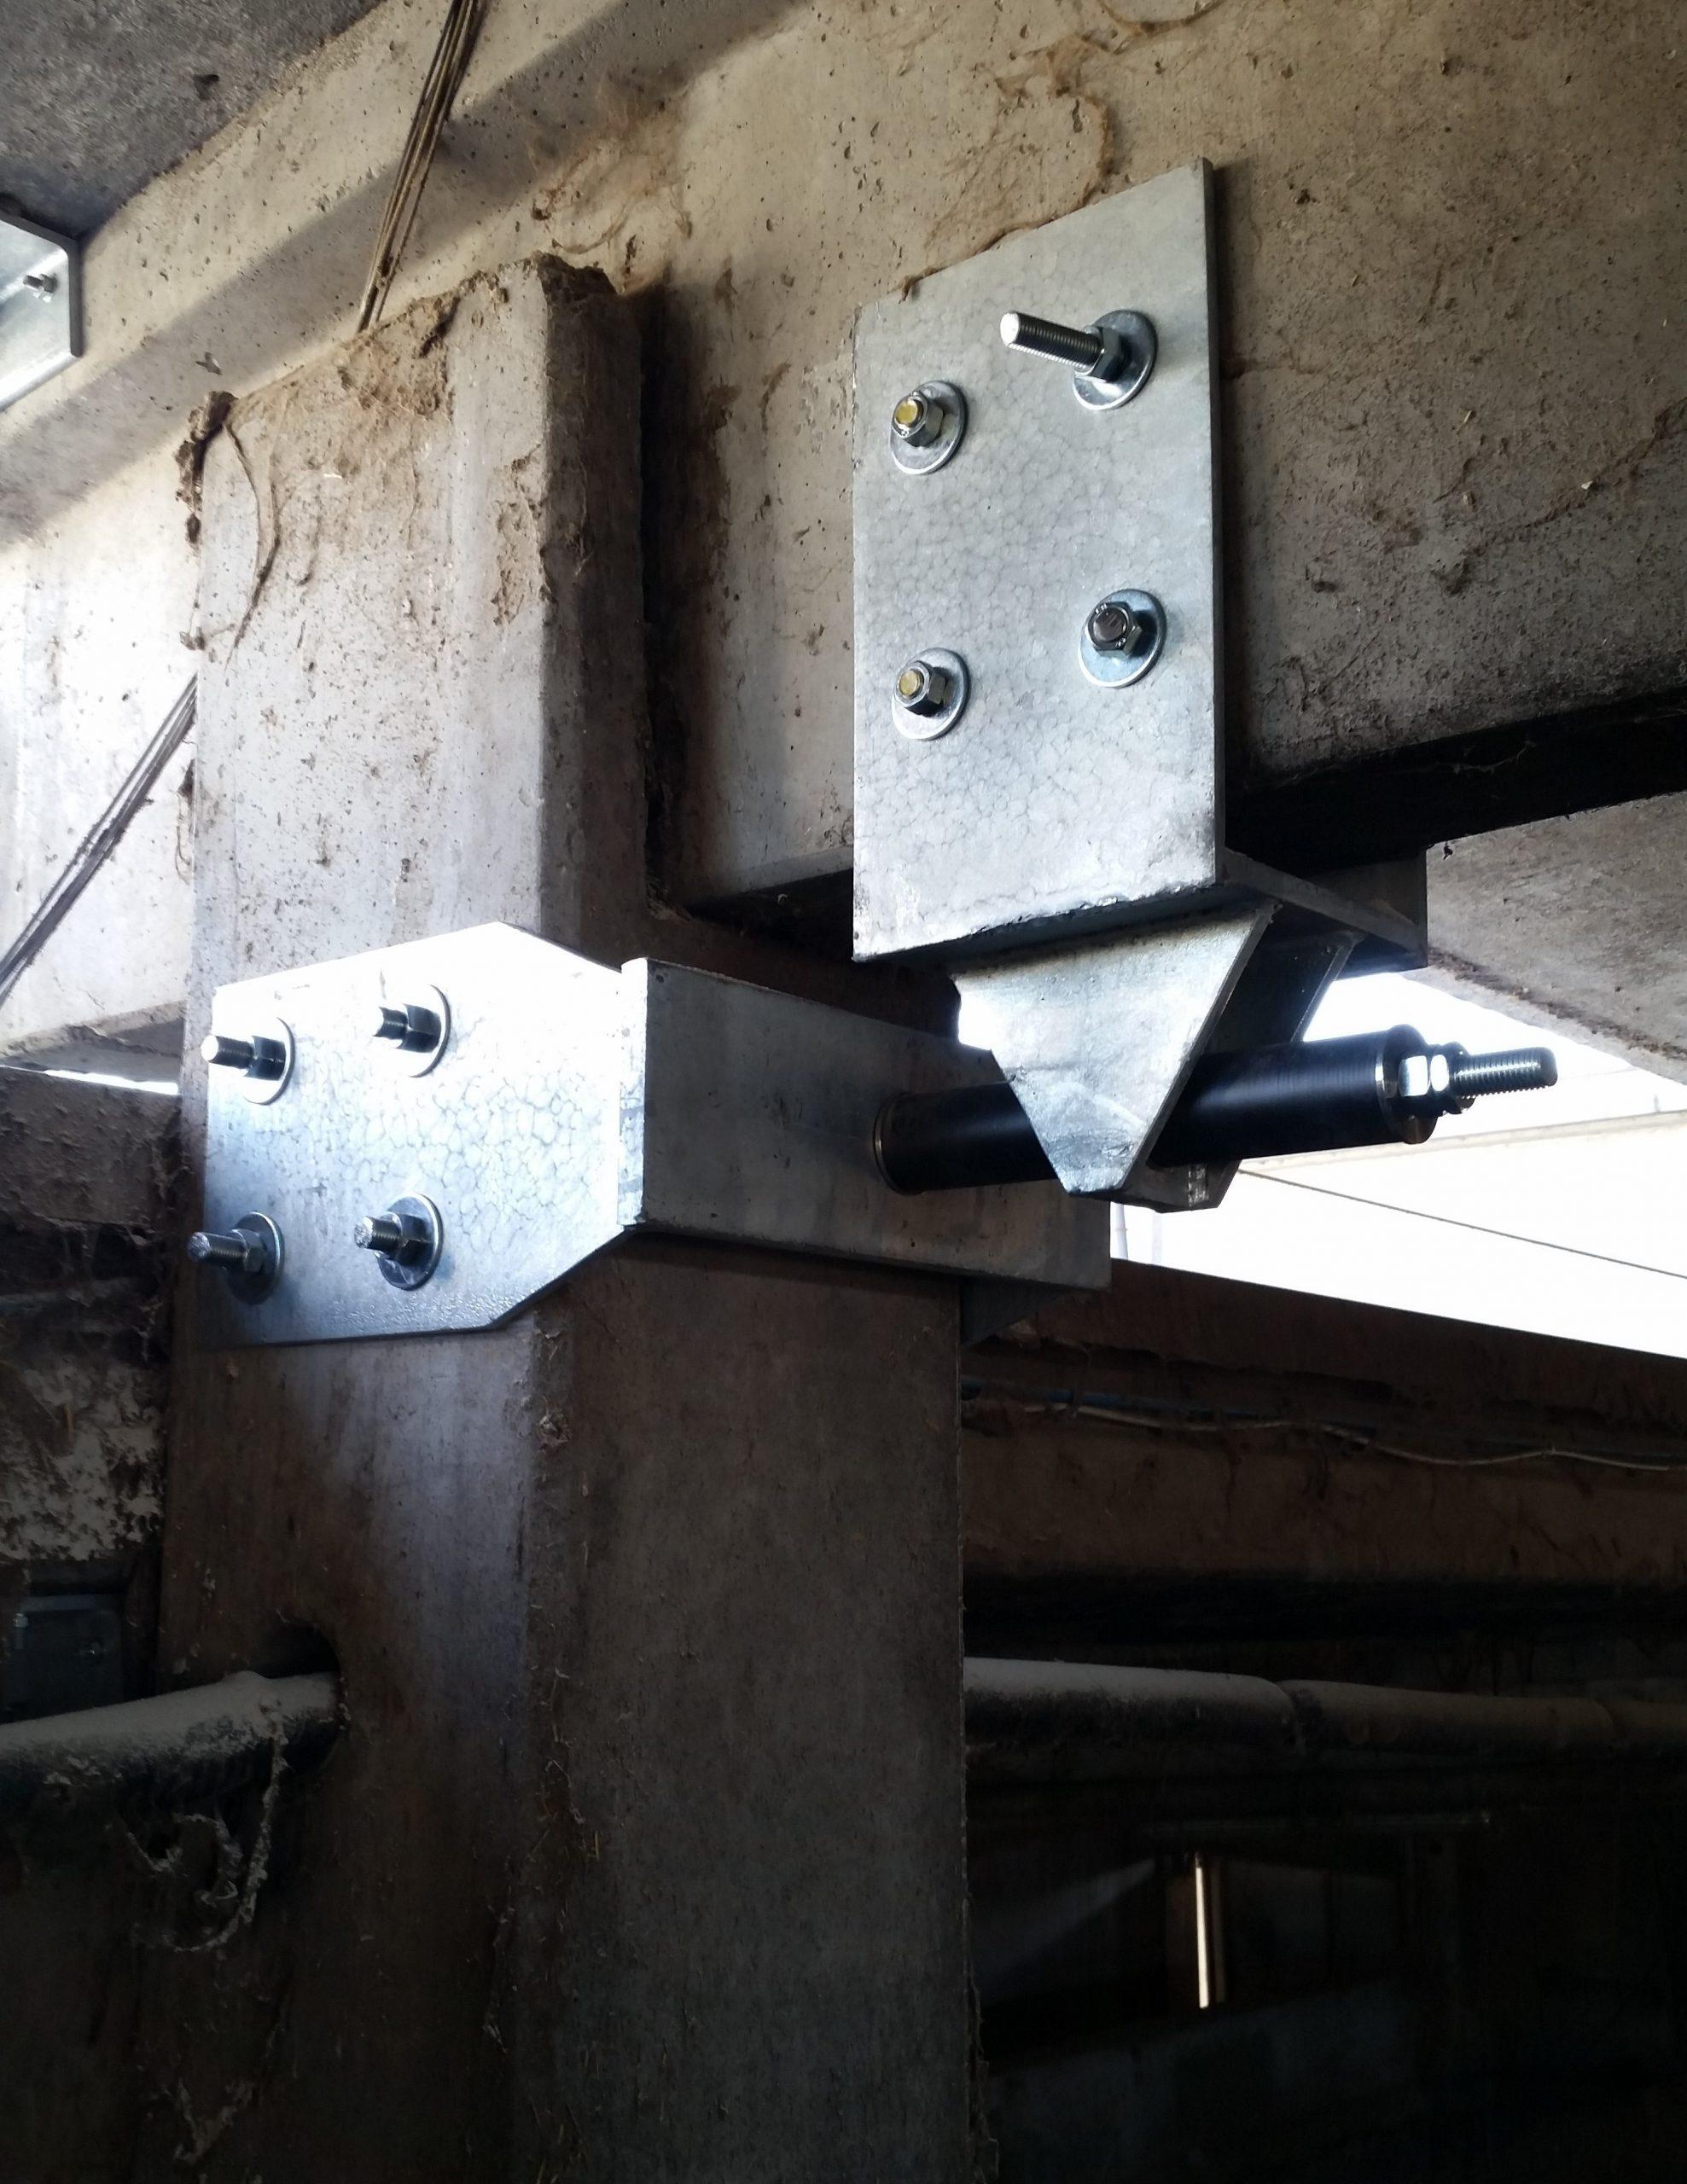 Sismocell montato su nodo trave pilastro in complesso agricolo a Reggio Emilia